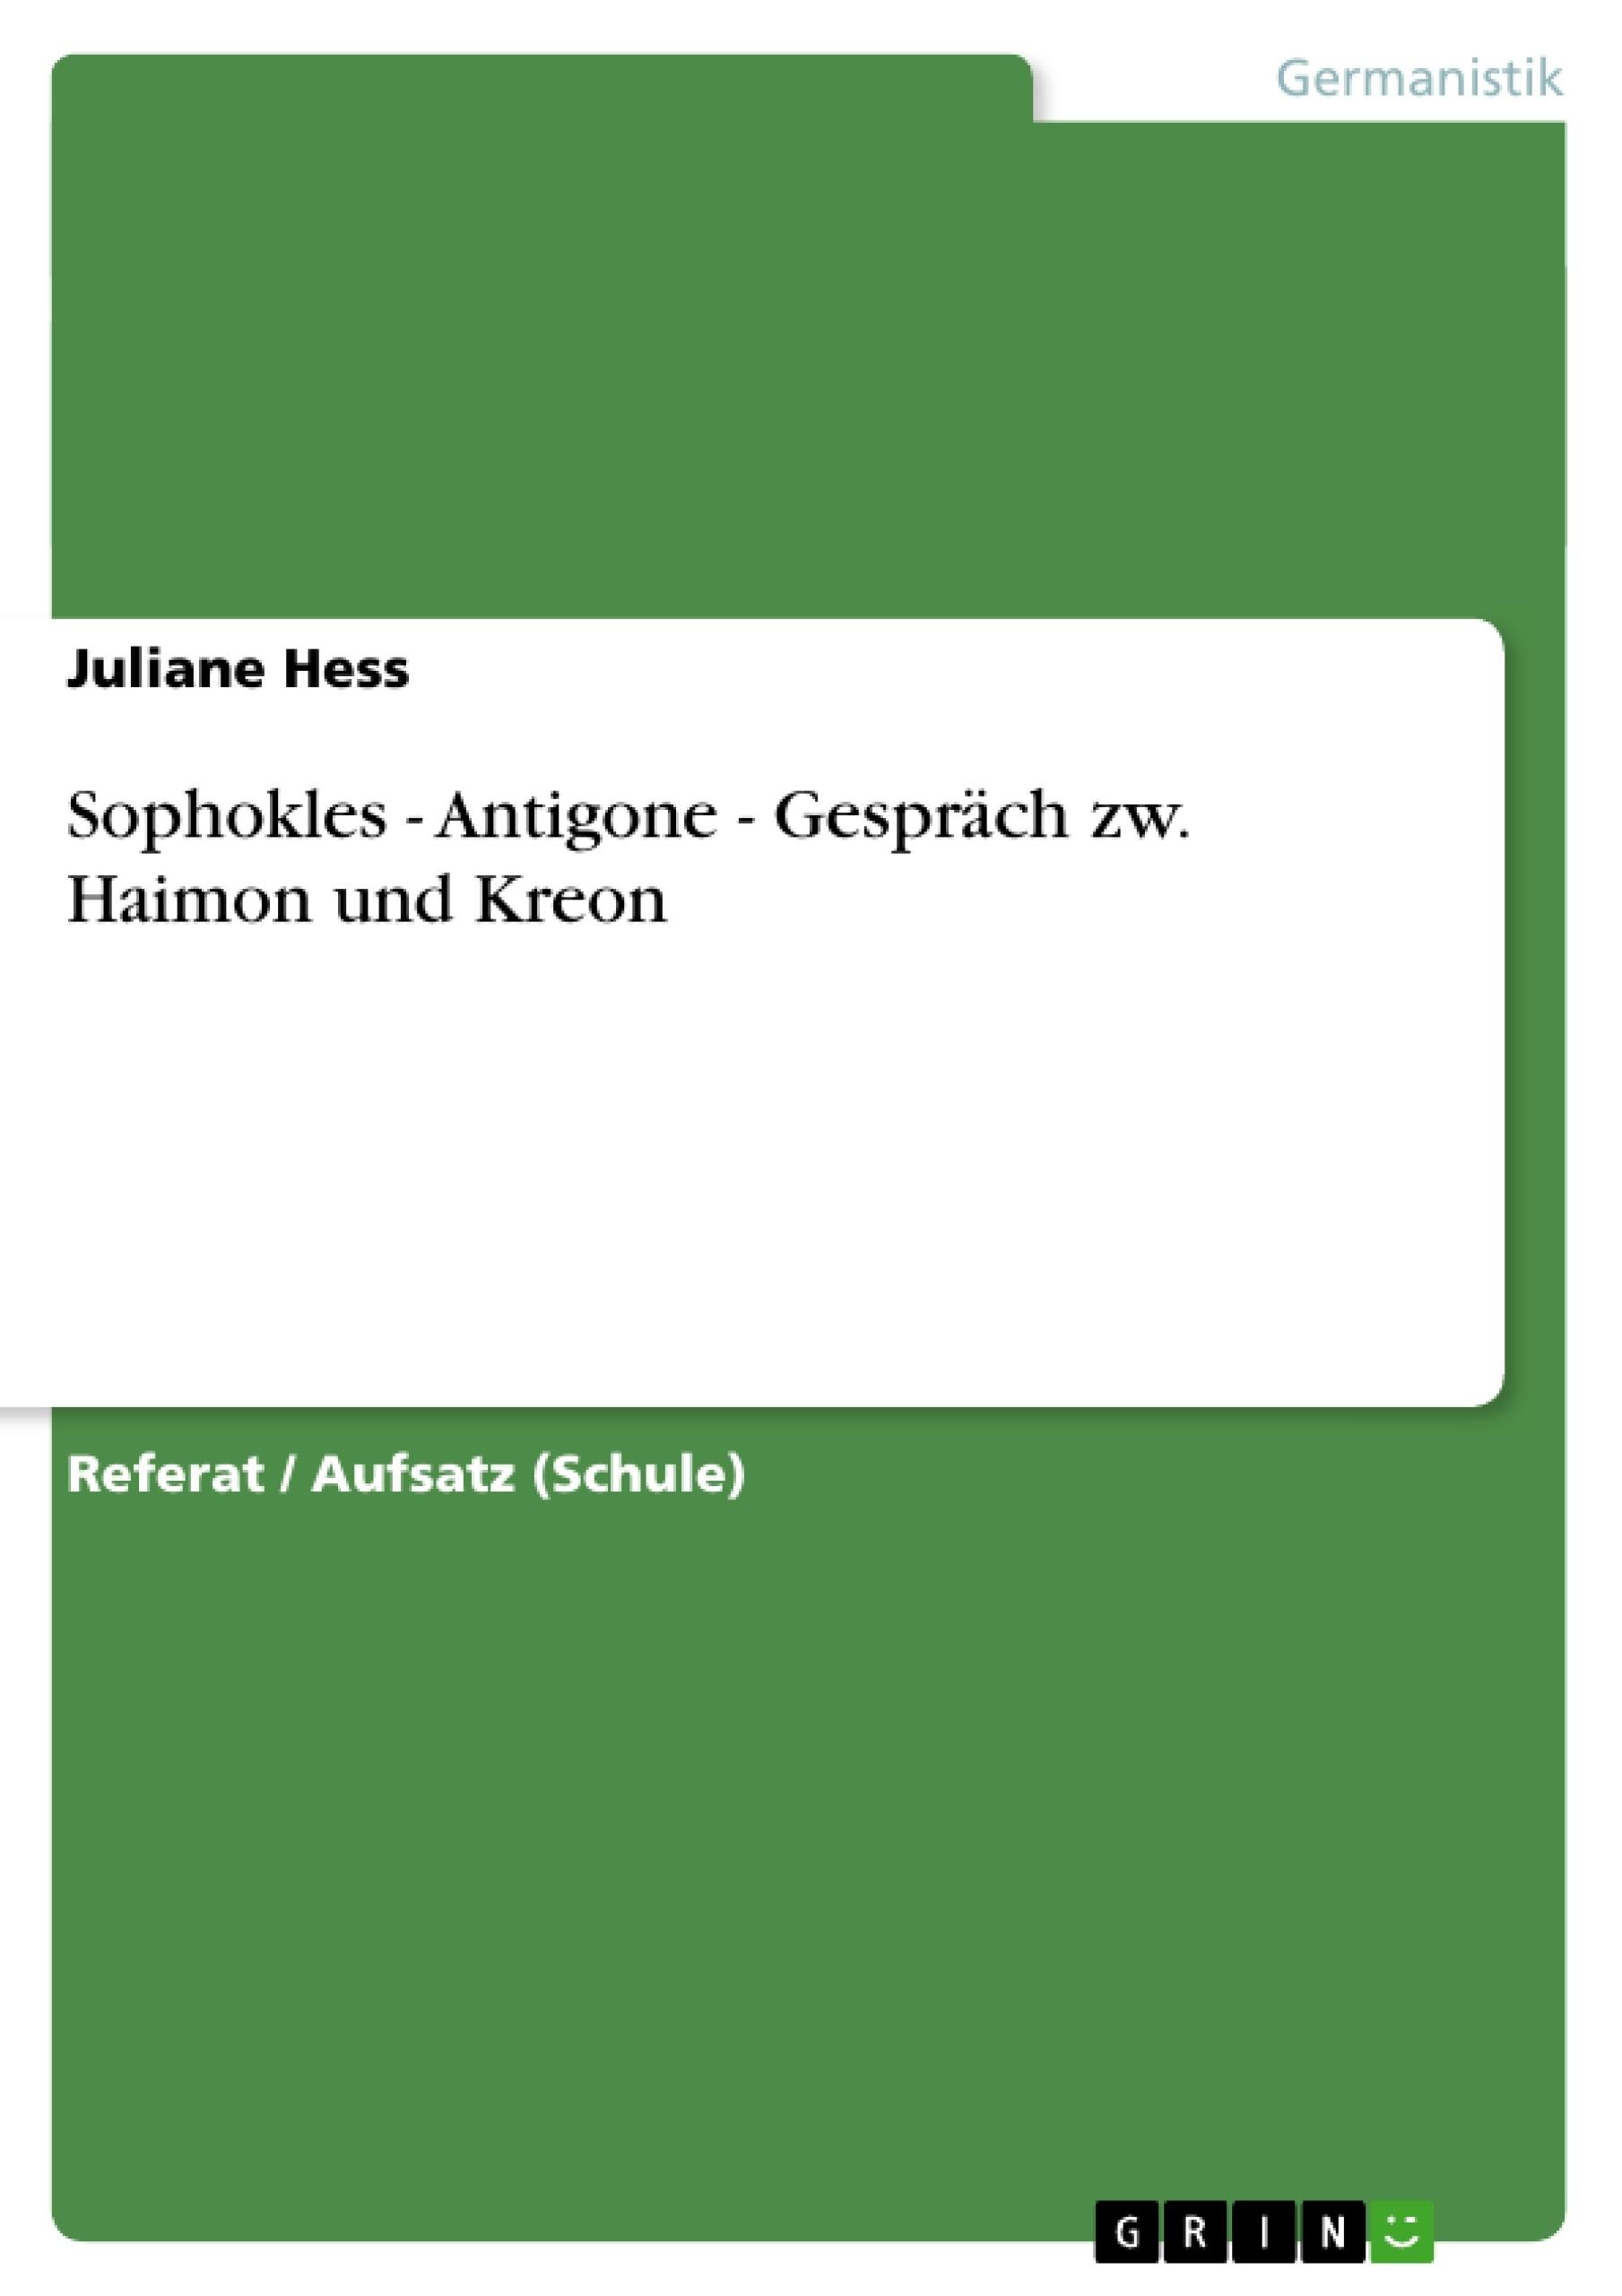 Titel: Sophokles - Antigone - Gespräch zw. Haimon und Kreon